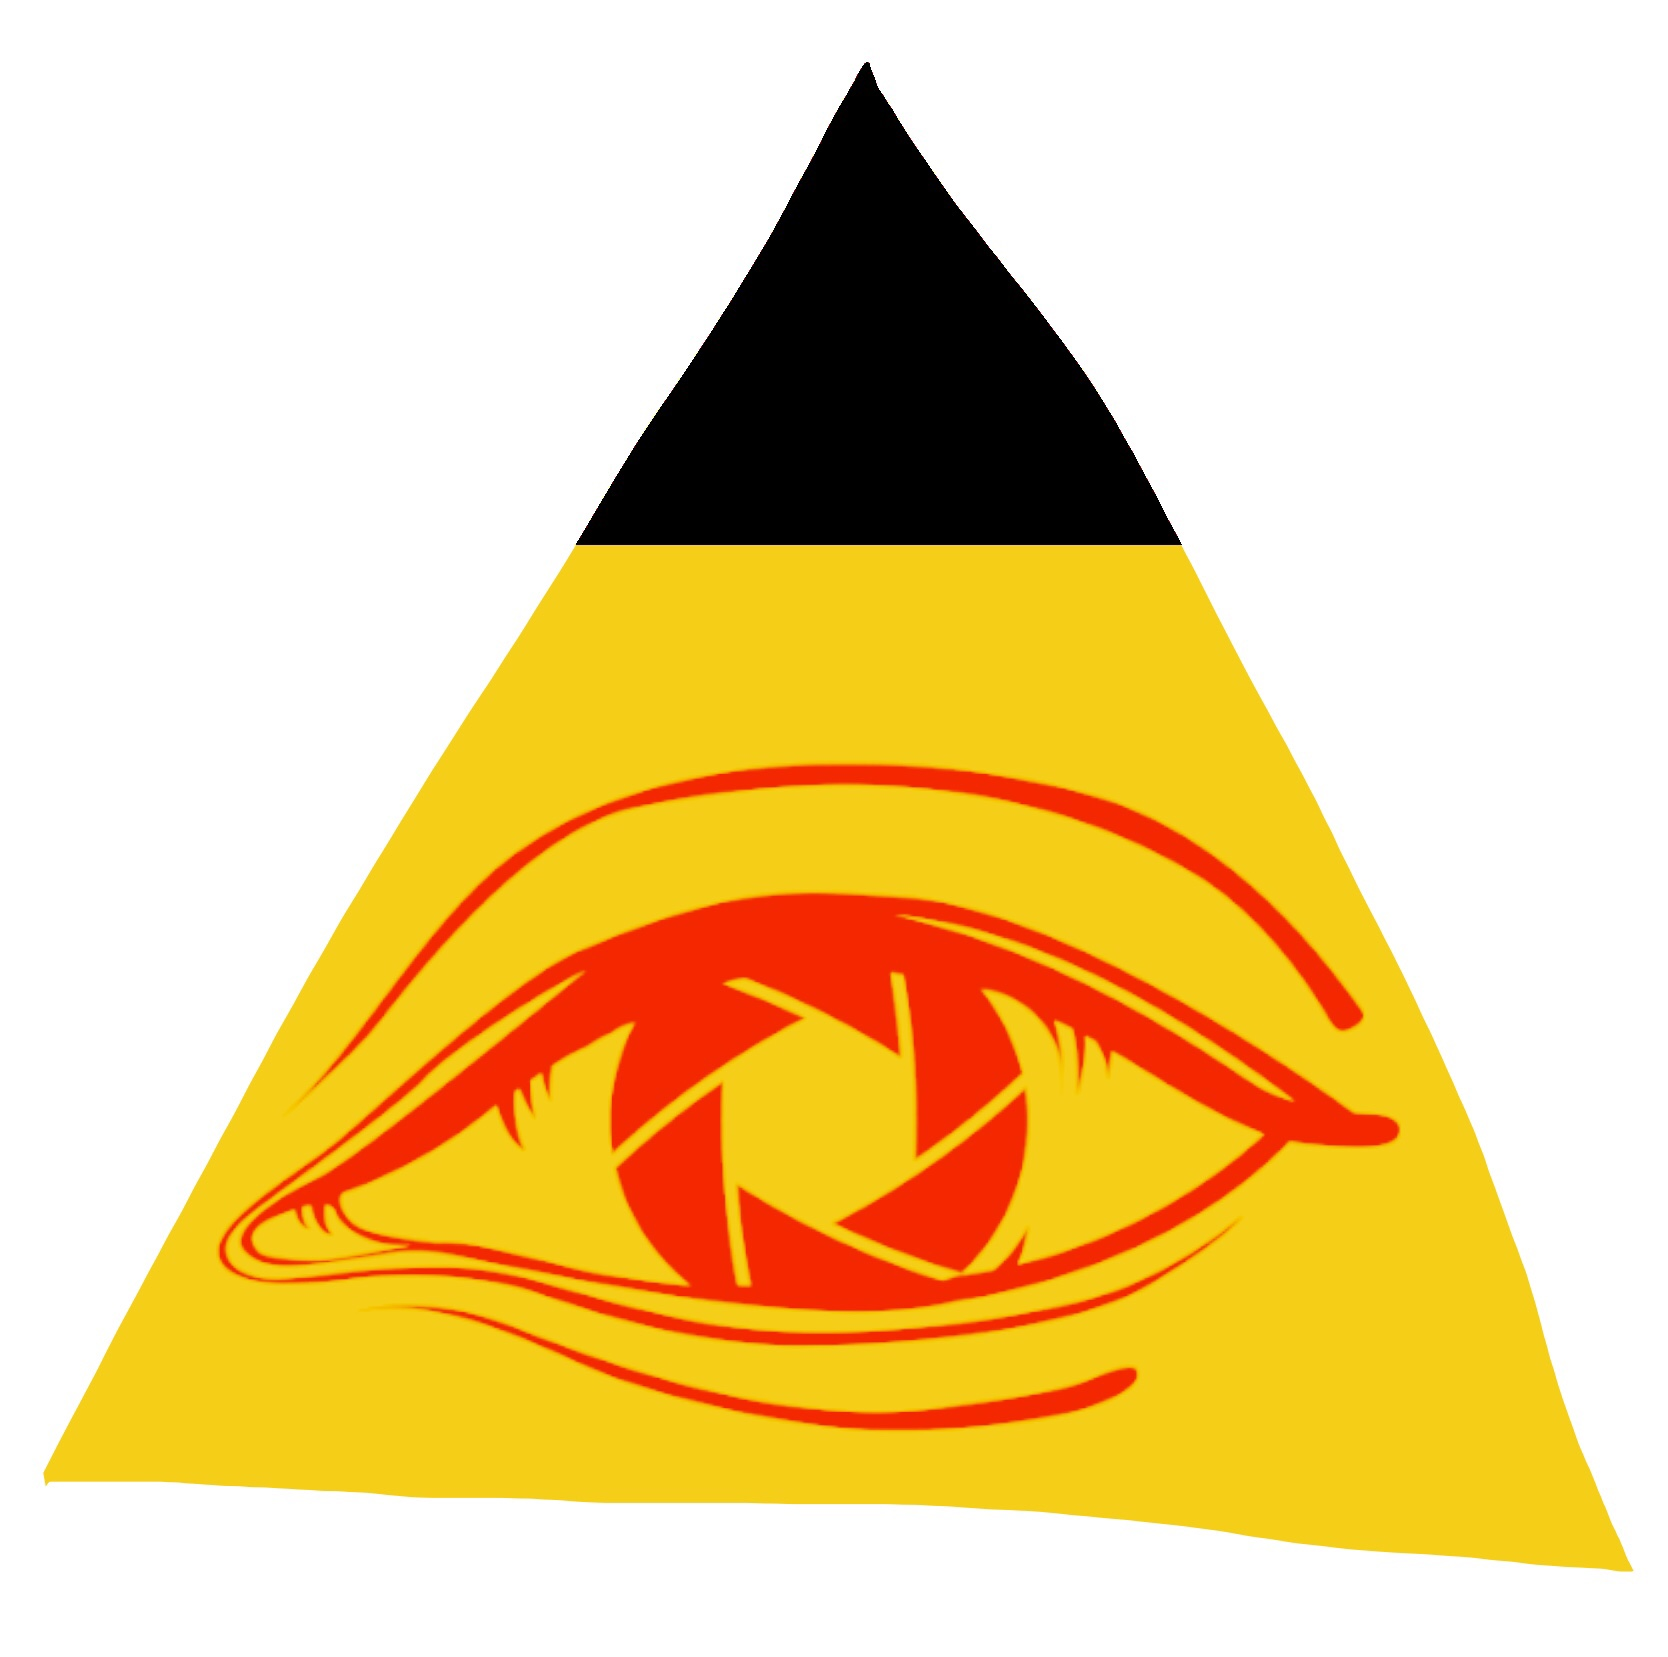 Exposure triangle haptic illuminati